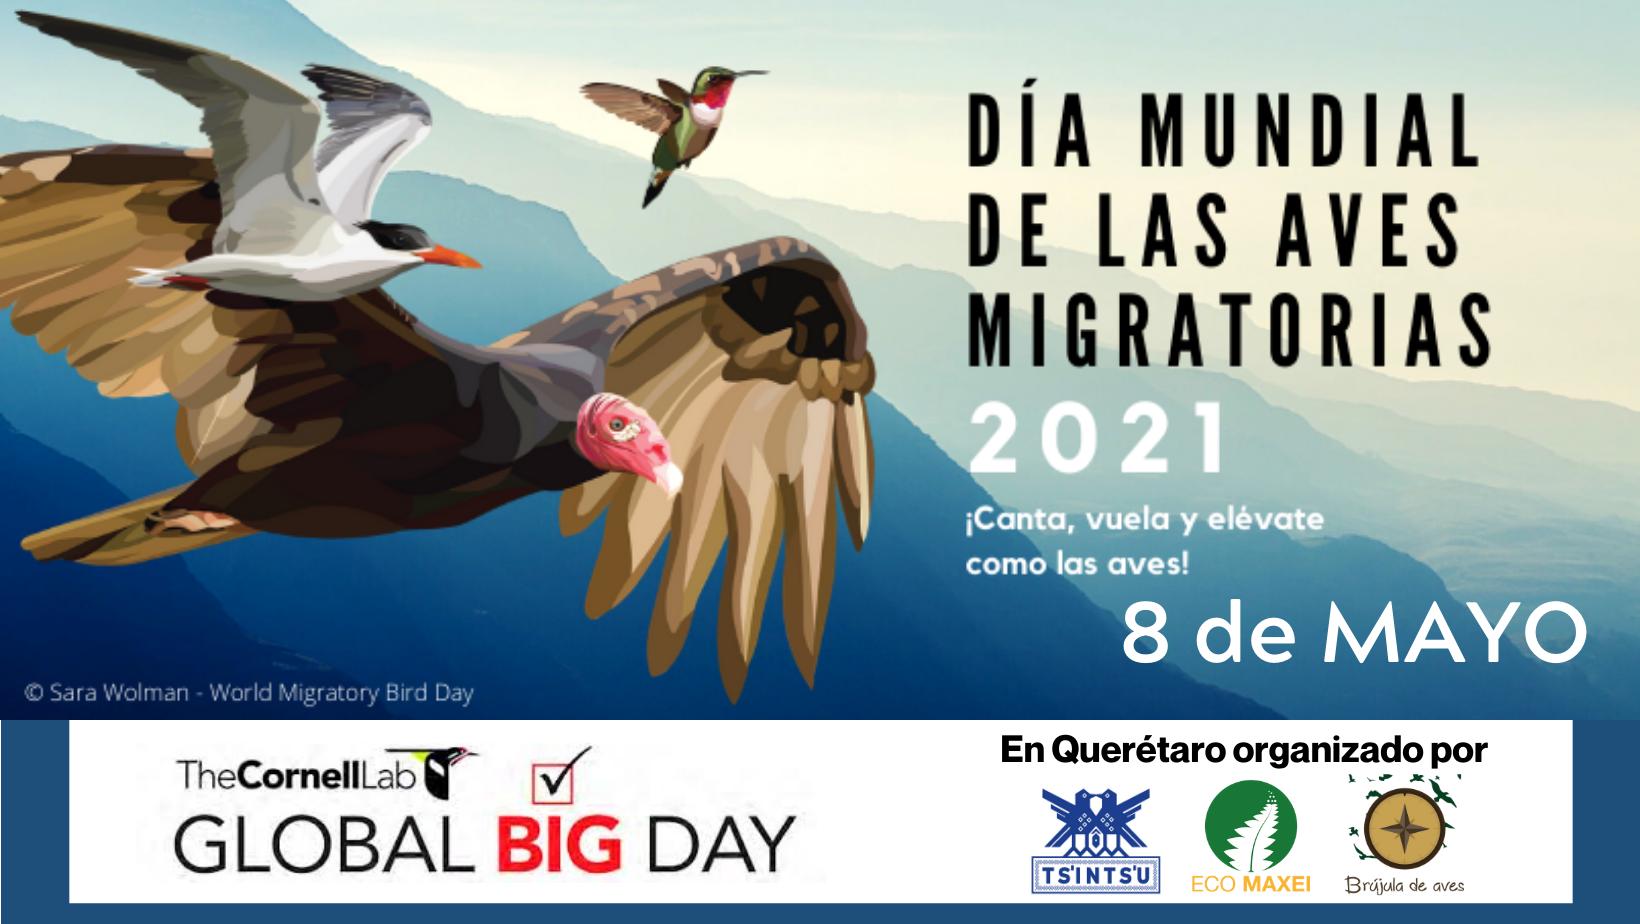 GLOBAL BIG DAY 2021 en Querétaro